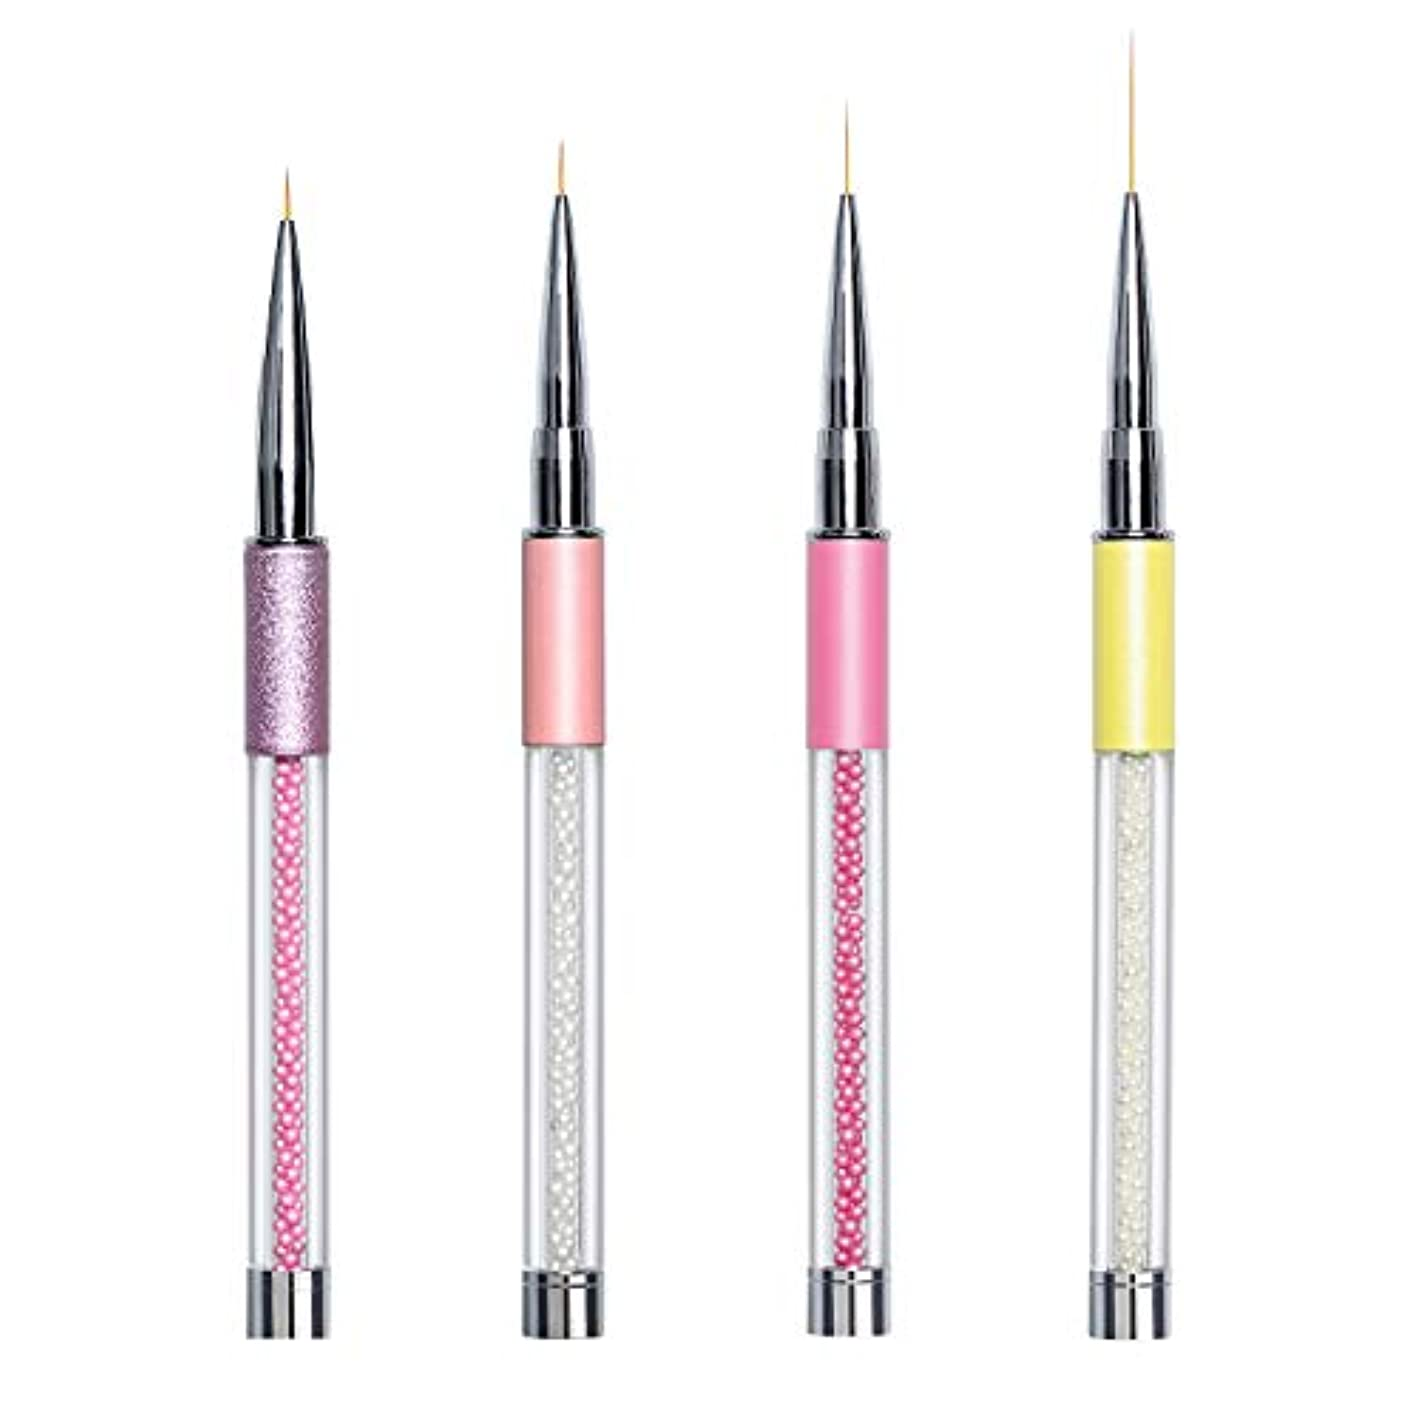 期間したいジャニスZhichengbosi ネールアートペン ネールブラシセット マニキュアツールキット 高品質 ネイルデザイン ドットペン 4本セット(細いセット)